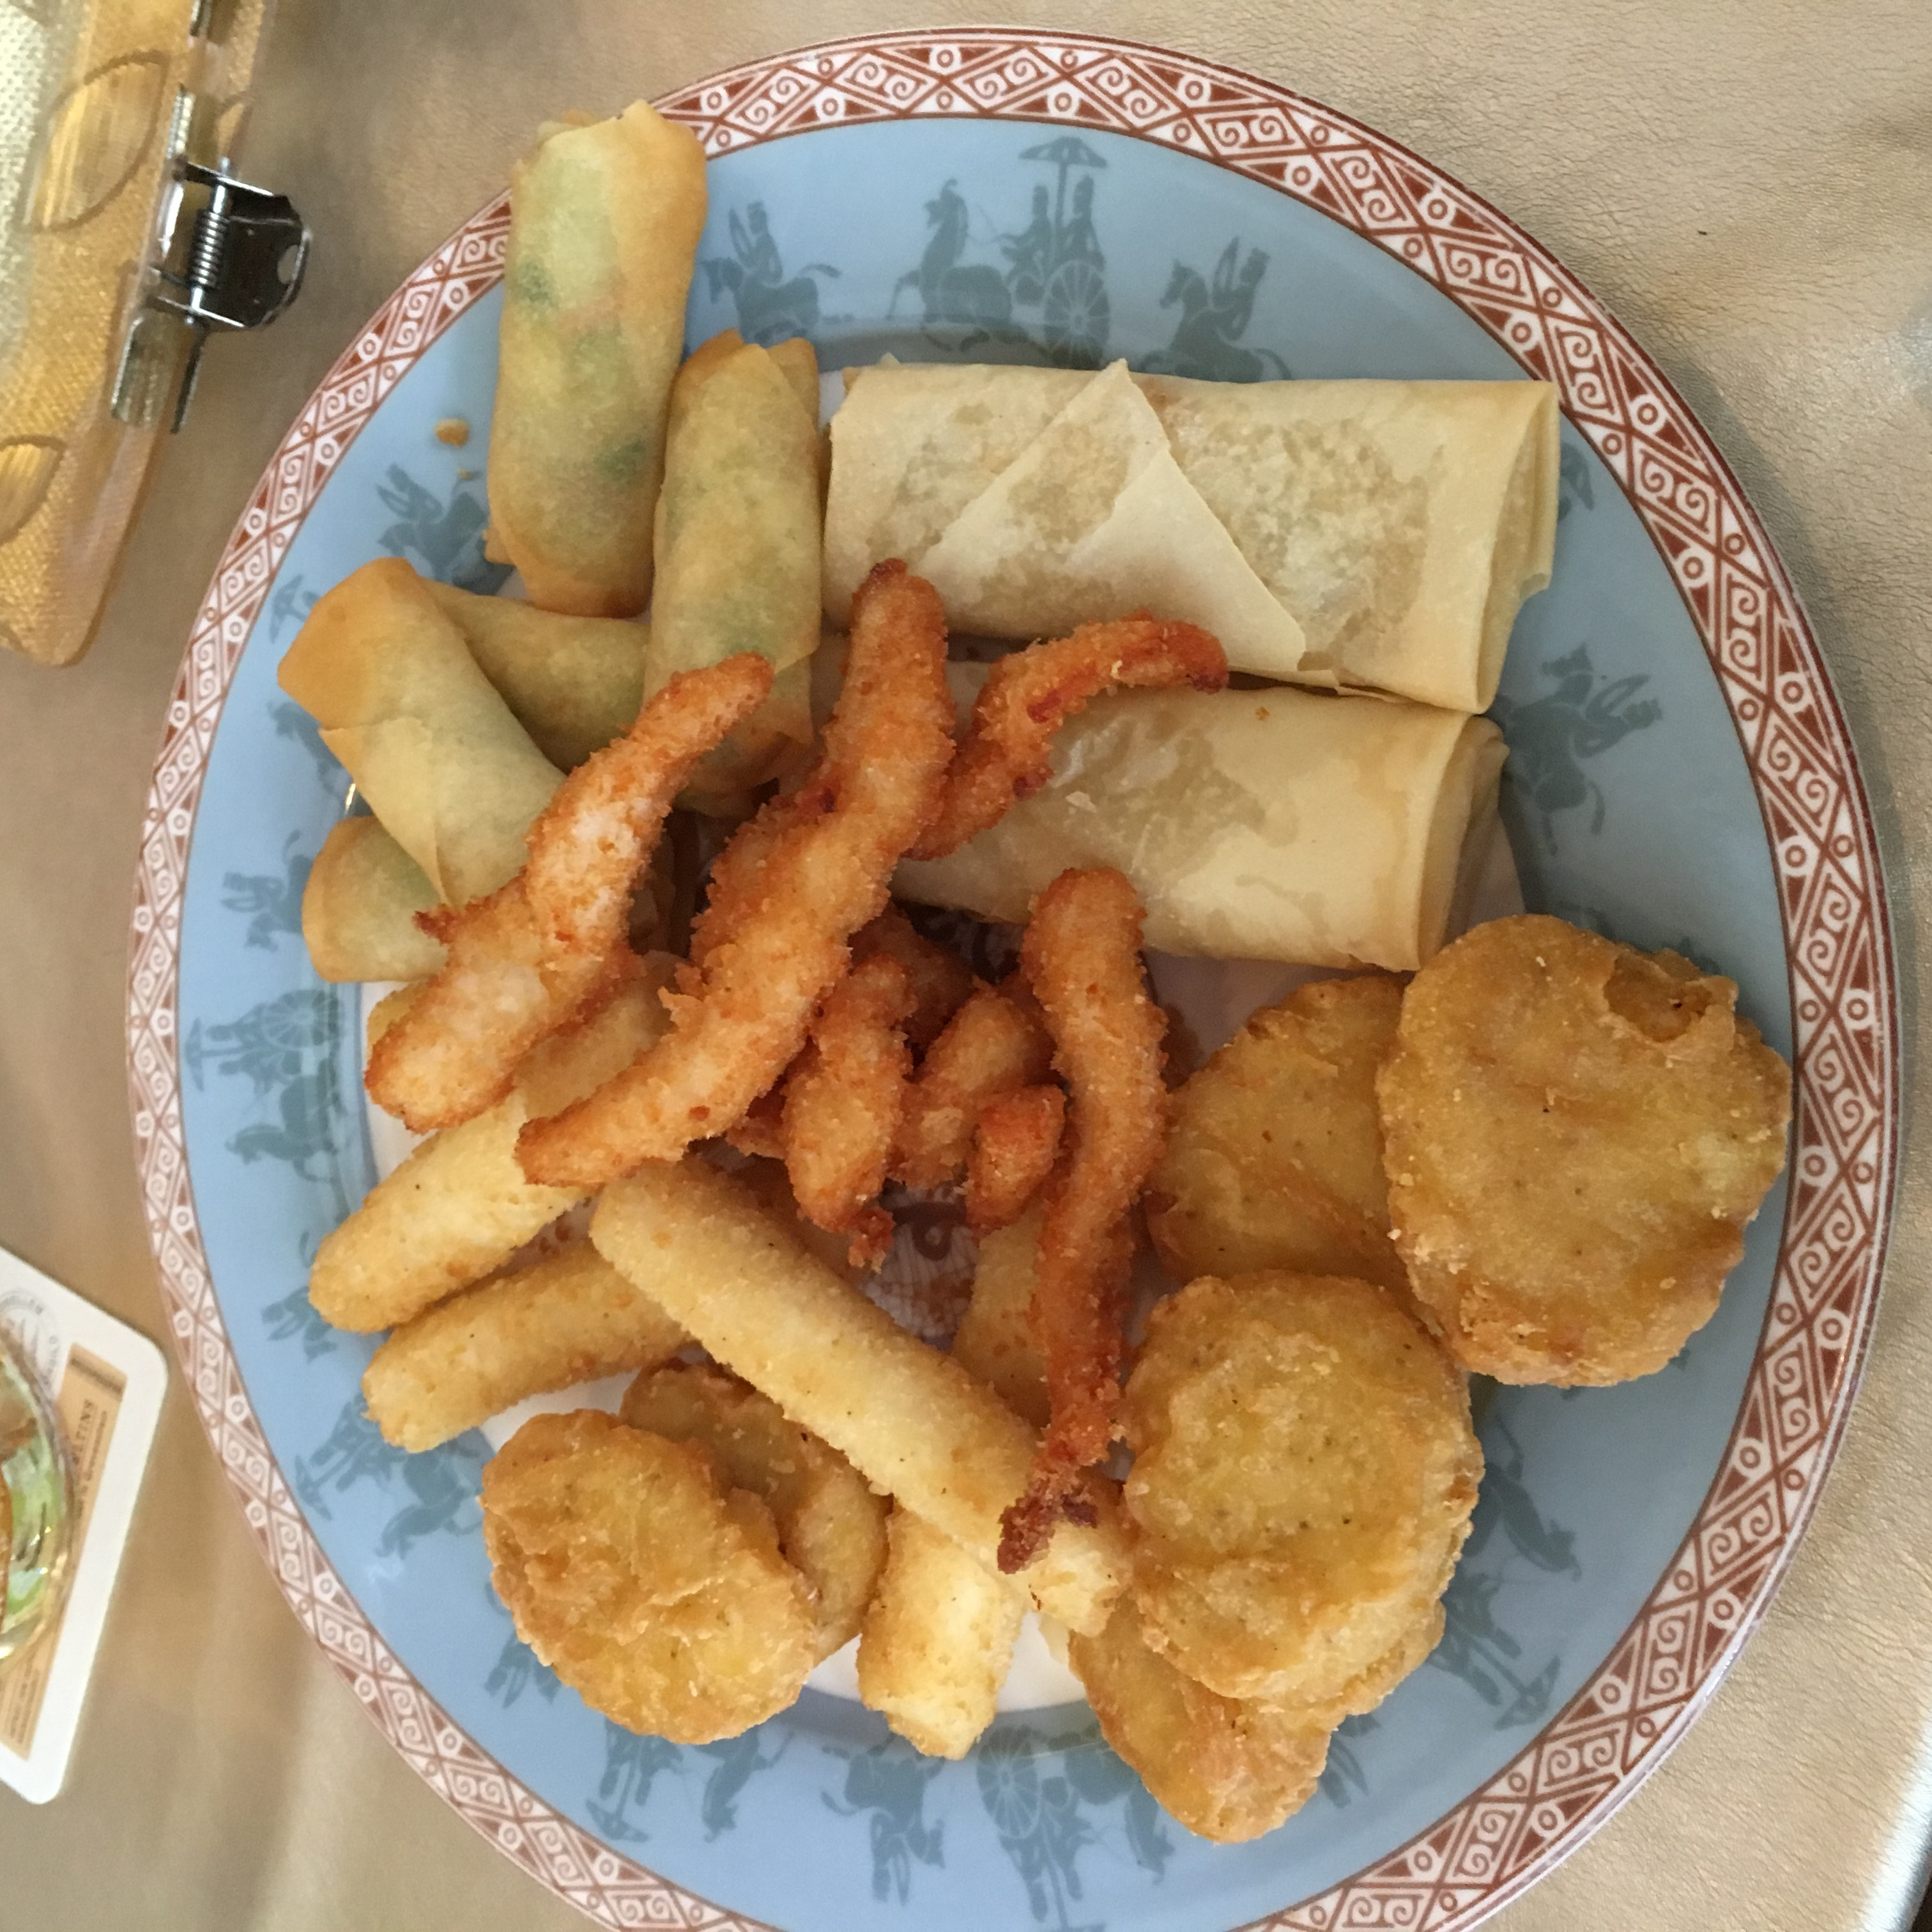 http://foodloader.net/BrollyLSSJ_2016-08-20_Yangtze_-_Buffet_-_Teller_1.jpg